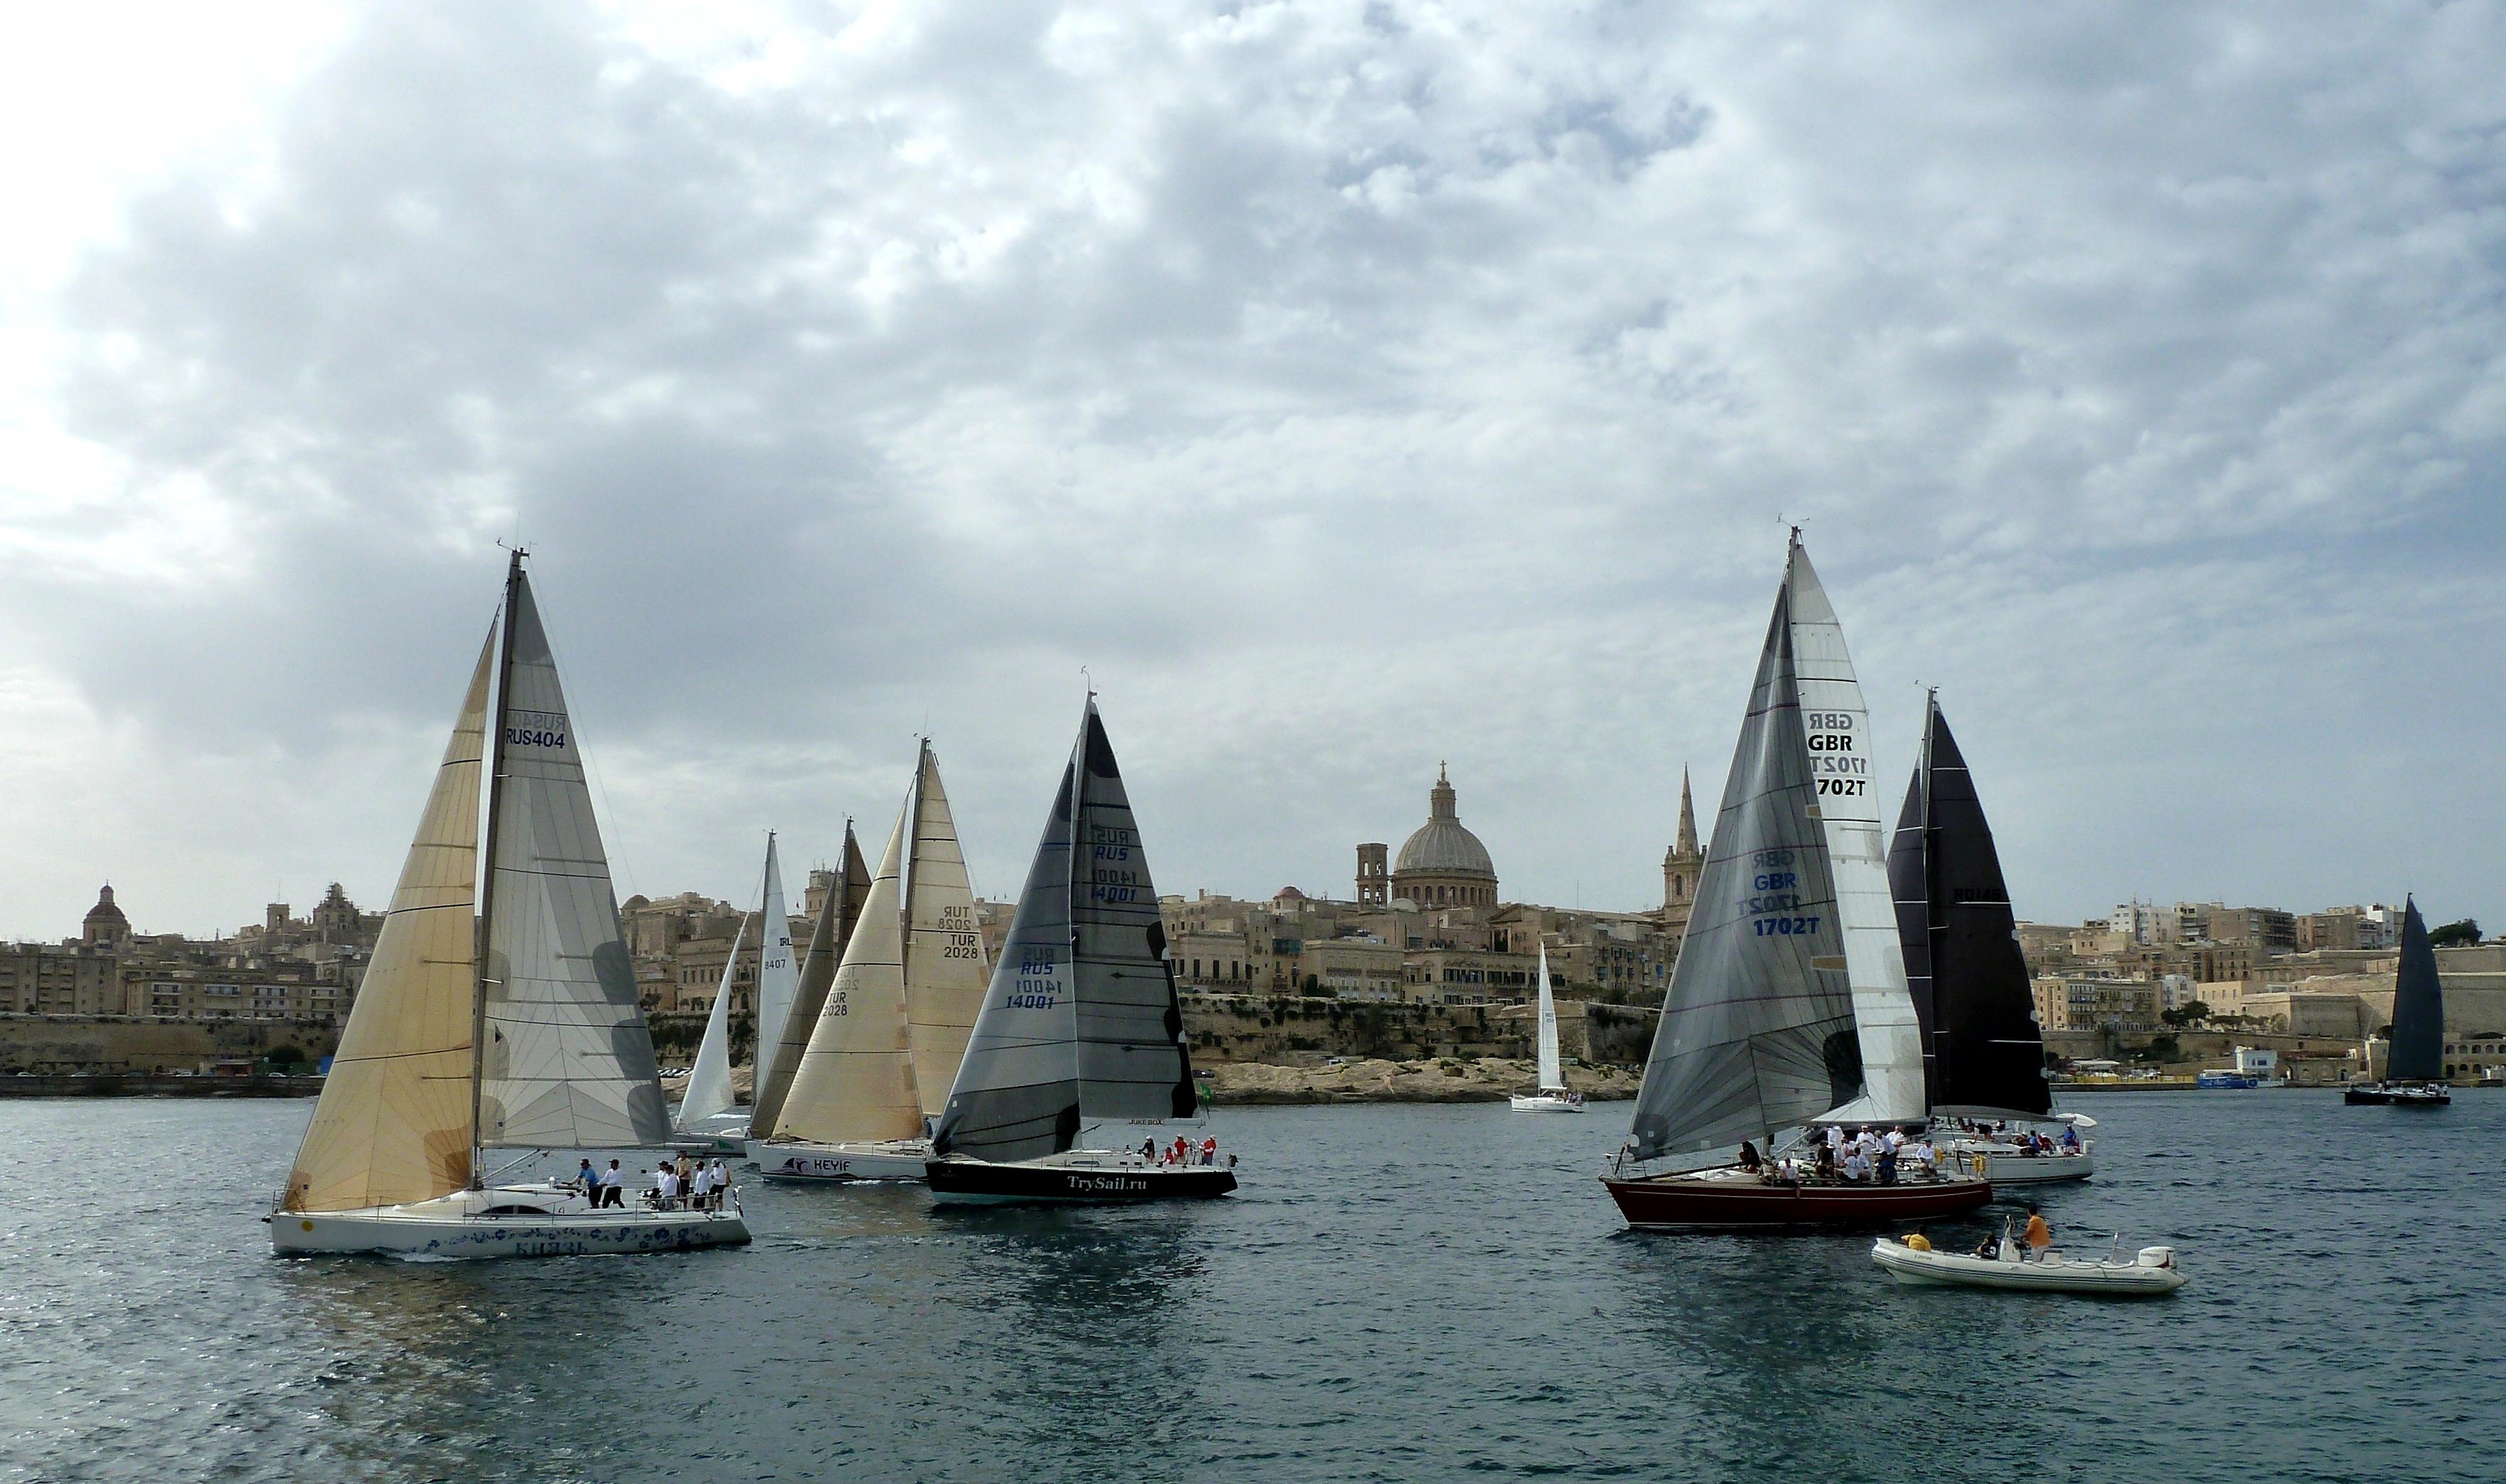 Malerische Kulisse: Maltas Hauptstadt Valetta als Hintergrund für den Start der Gruppe 2